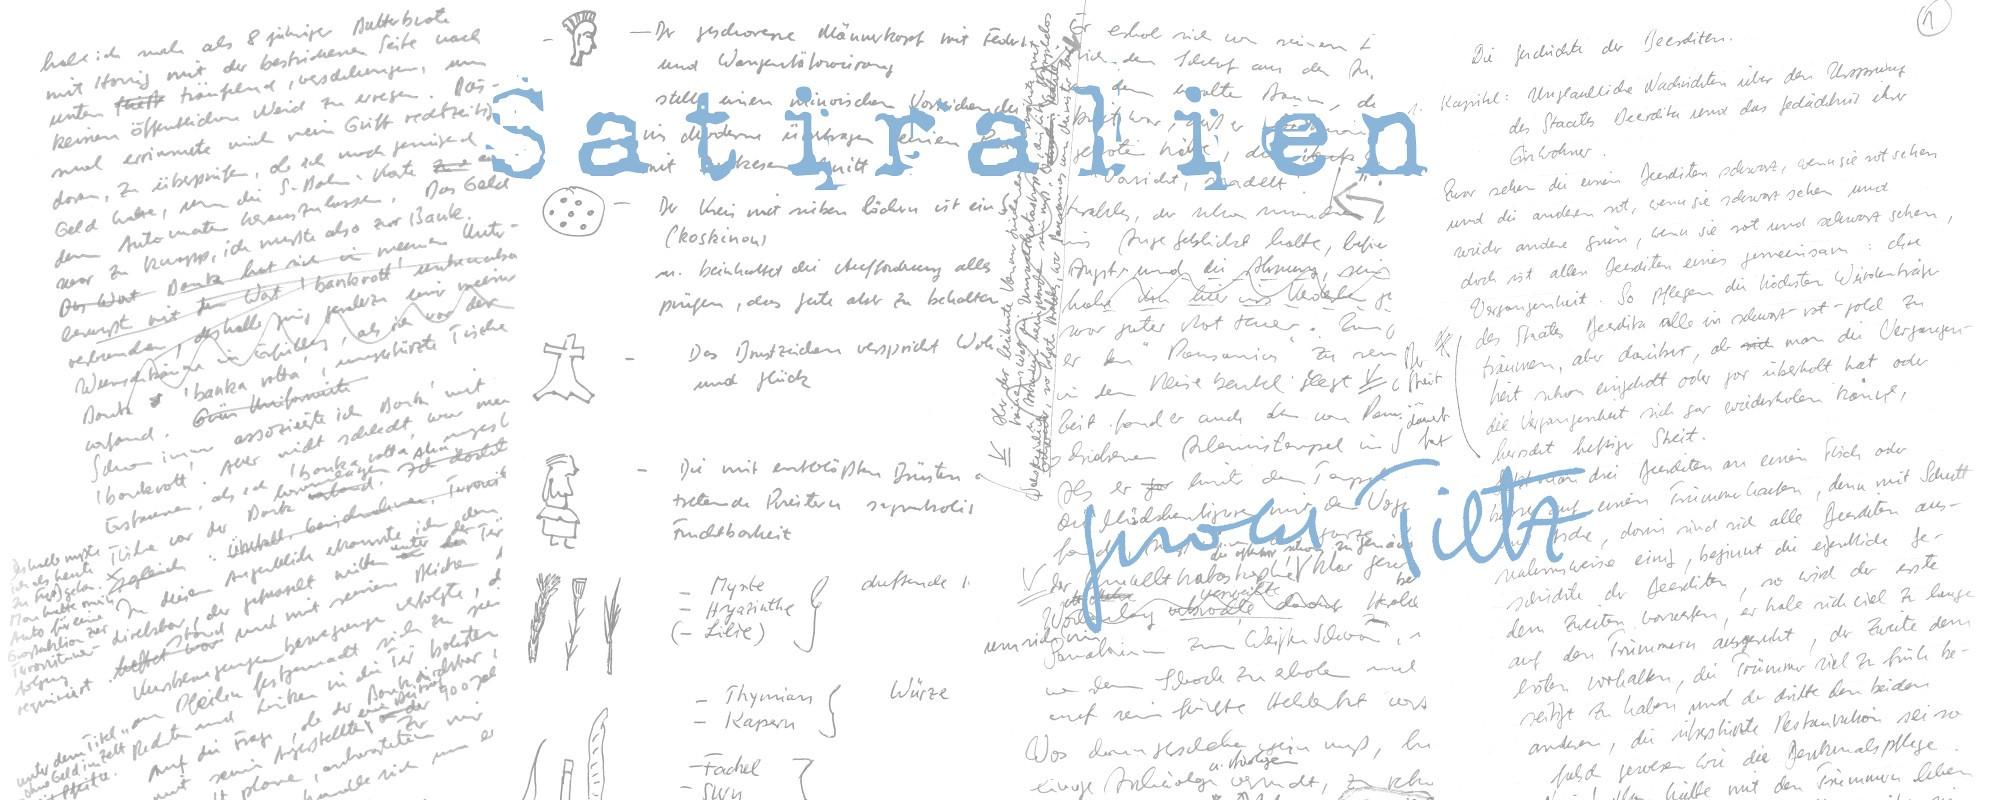 Gerold-Tietz-Satiralien-Schriftbild